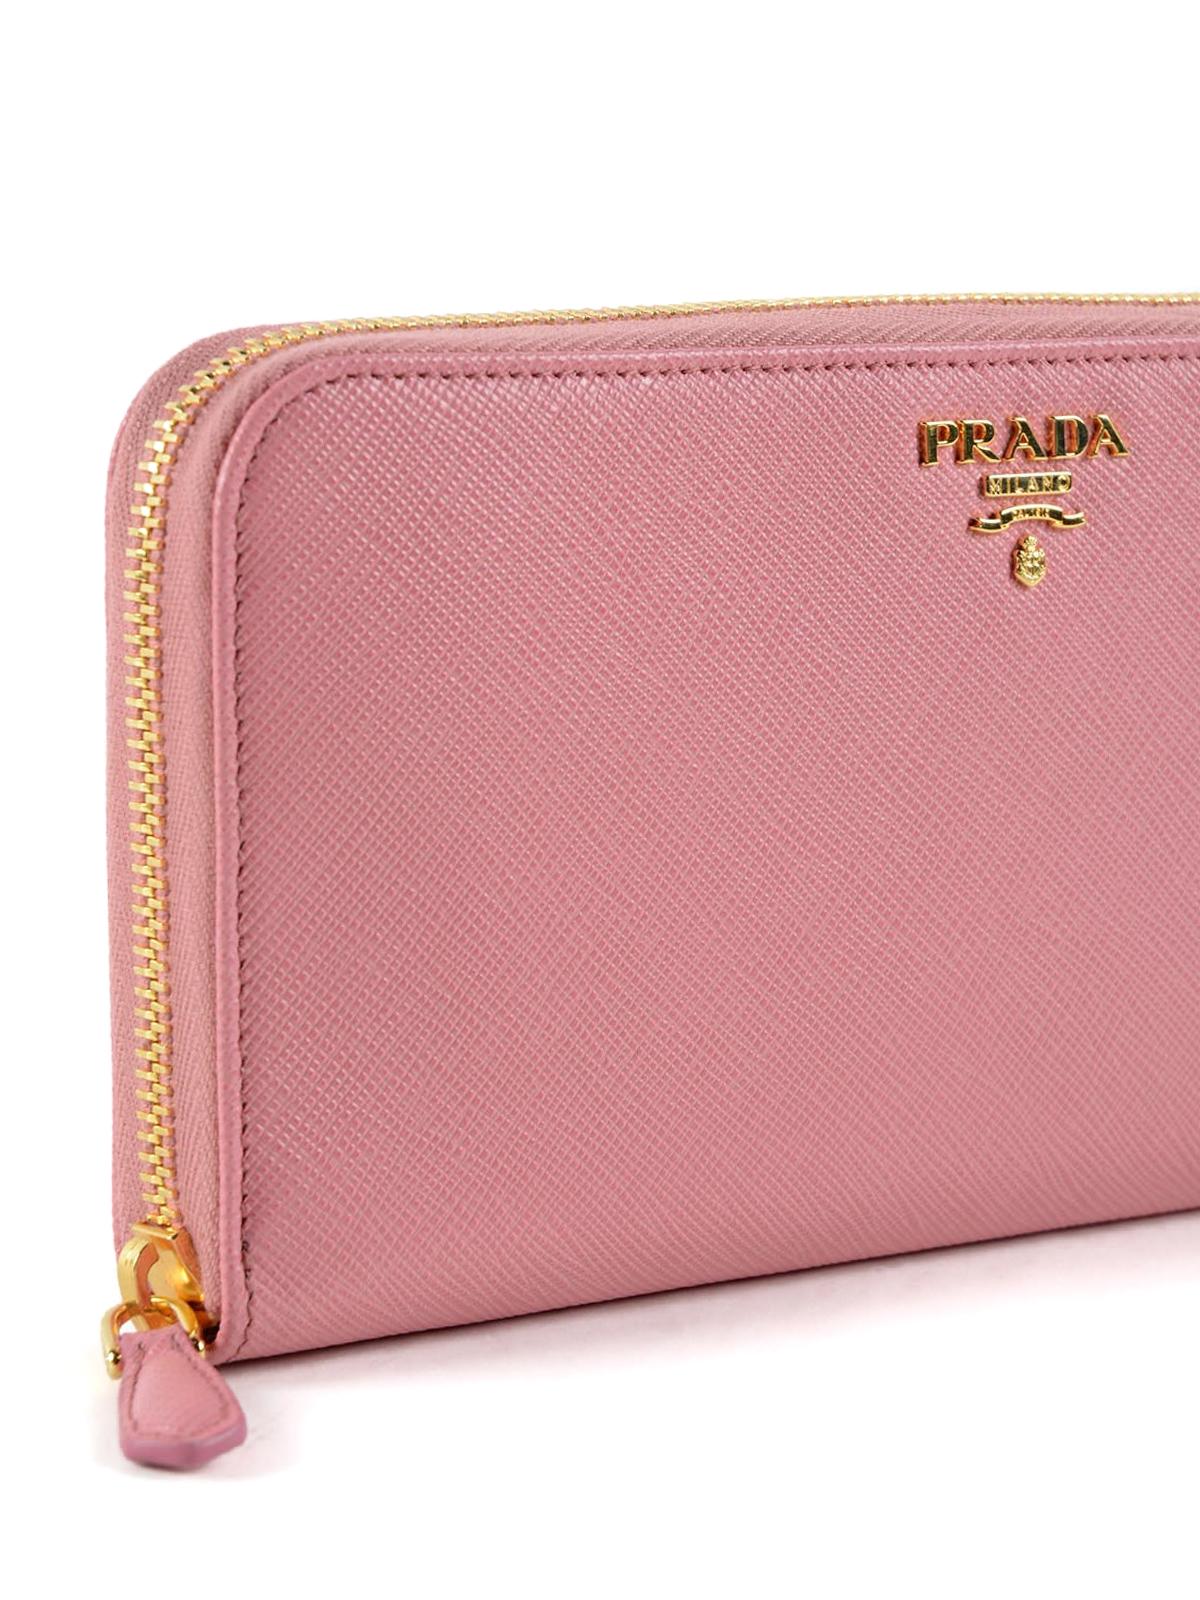 d0c85e84a1db Prada - Portemonnaie Fur Damen - Pink - Portemonnaies und Geldbörsen ...